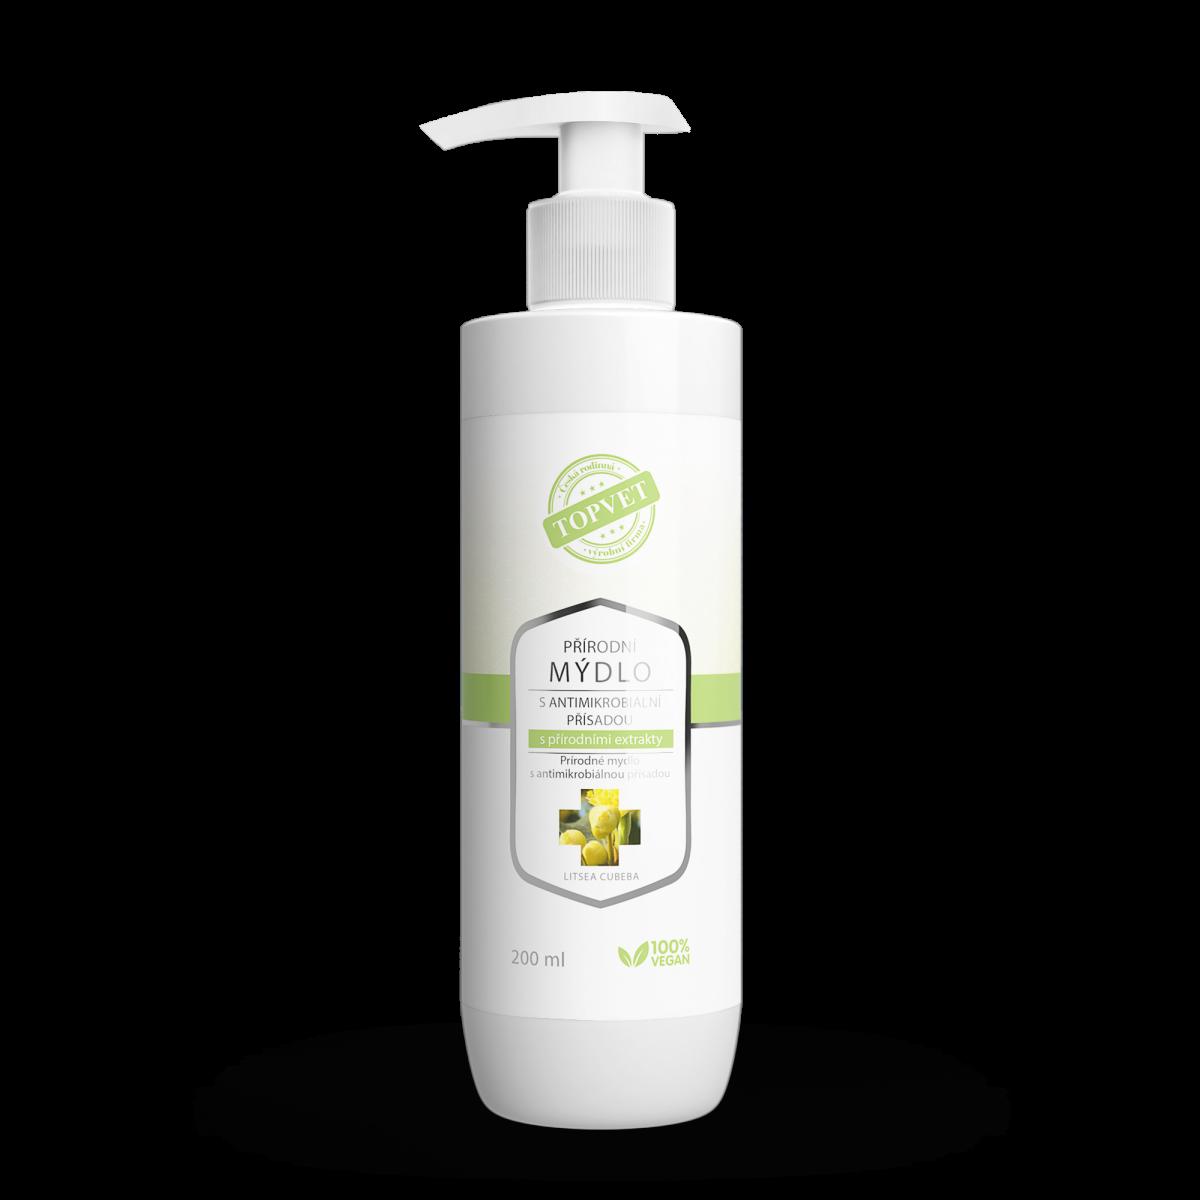 Přírodní mýdlo s antimikrobiální přísadou s přírodními extrakty